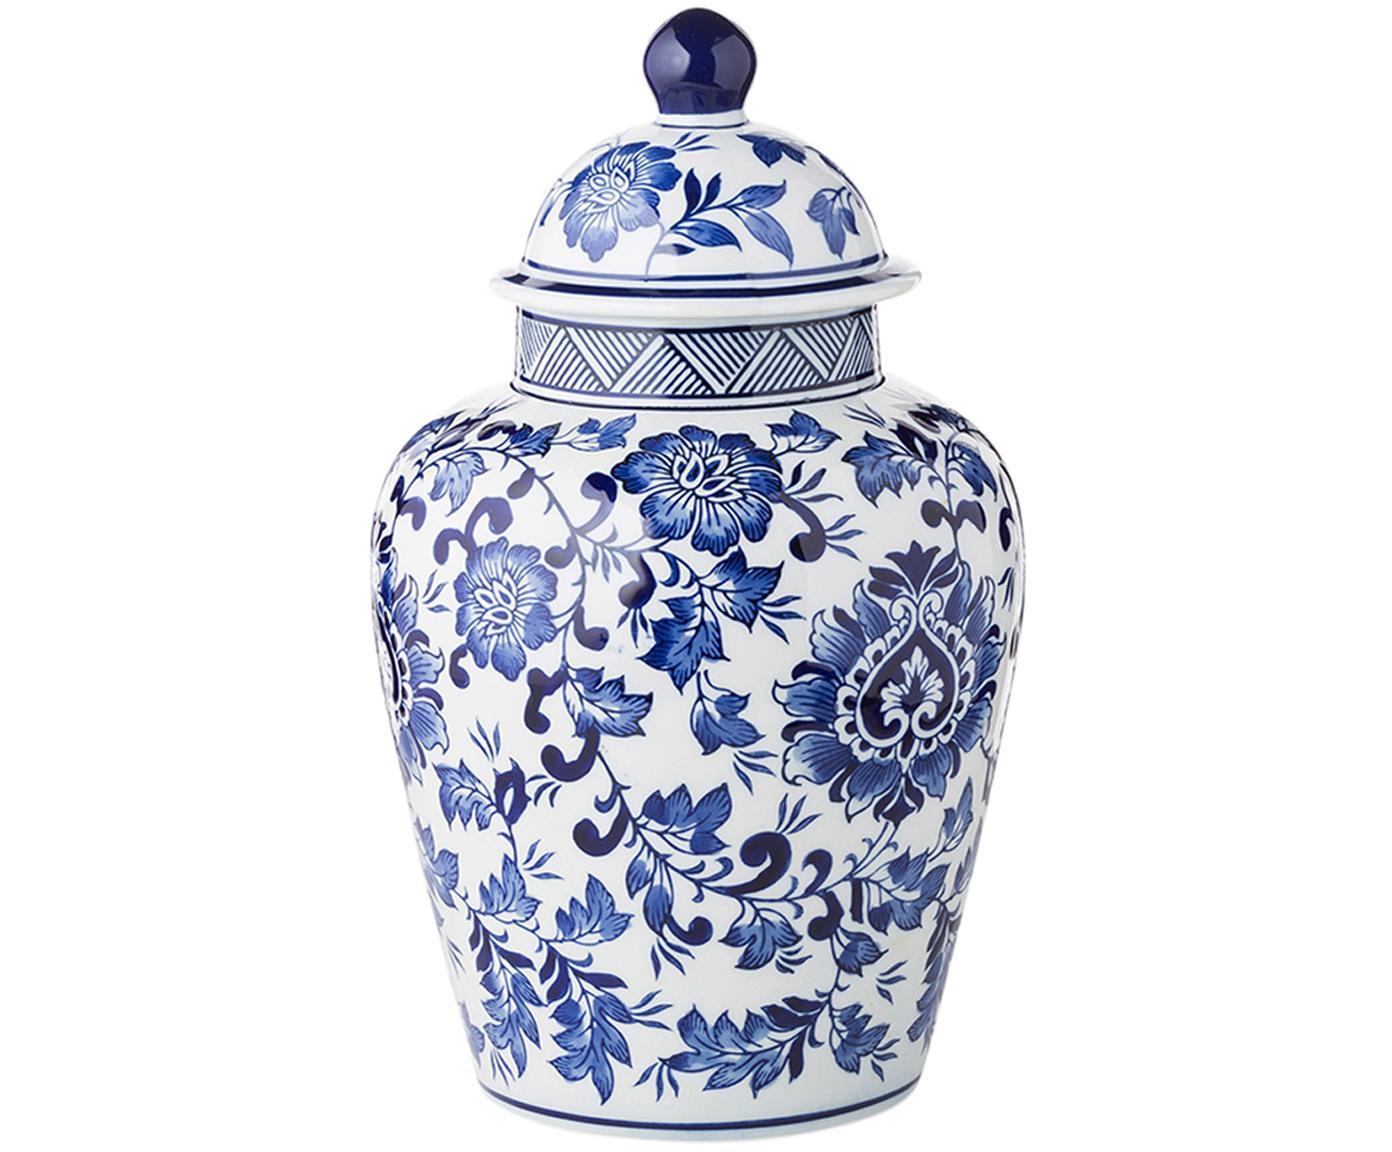 Vaso con coperchio in porcellana Annabelle, Porcellana, Blu, bianco, Ø 20 cm